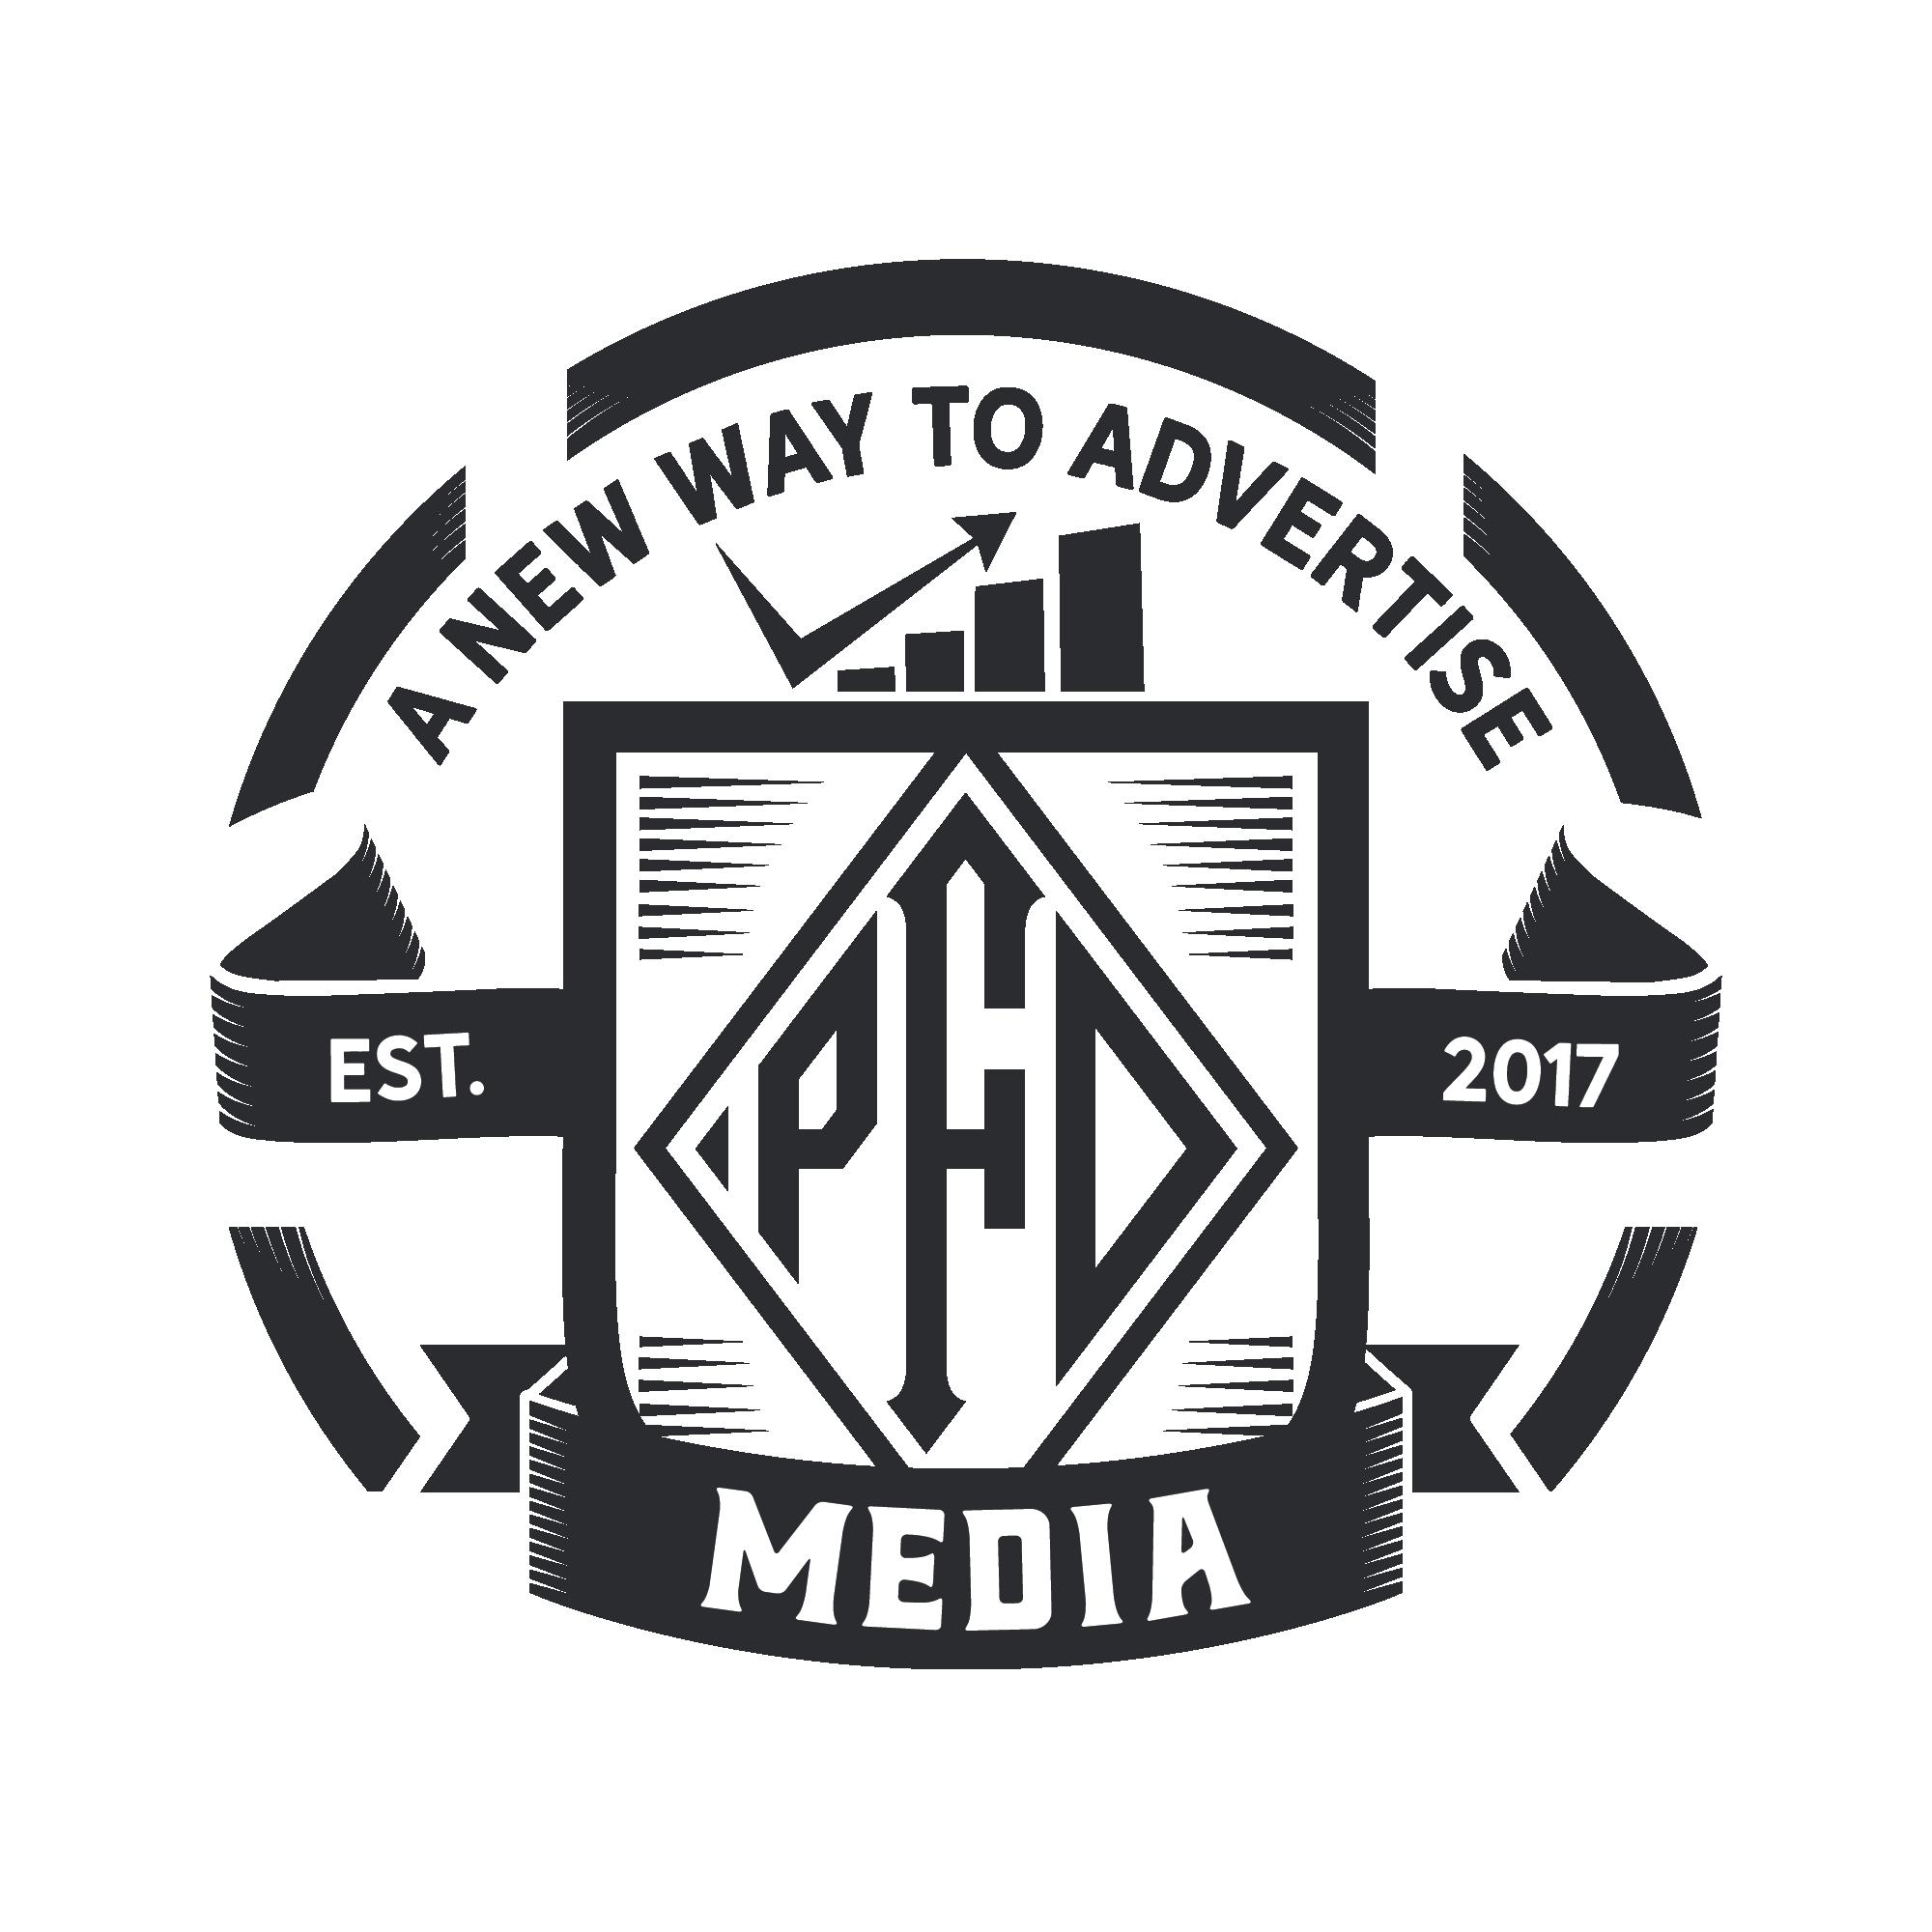 P.F.D. Media